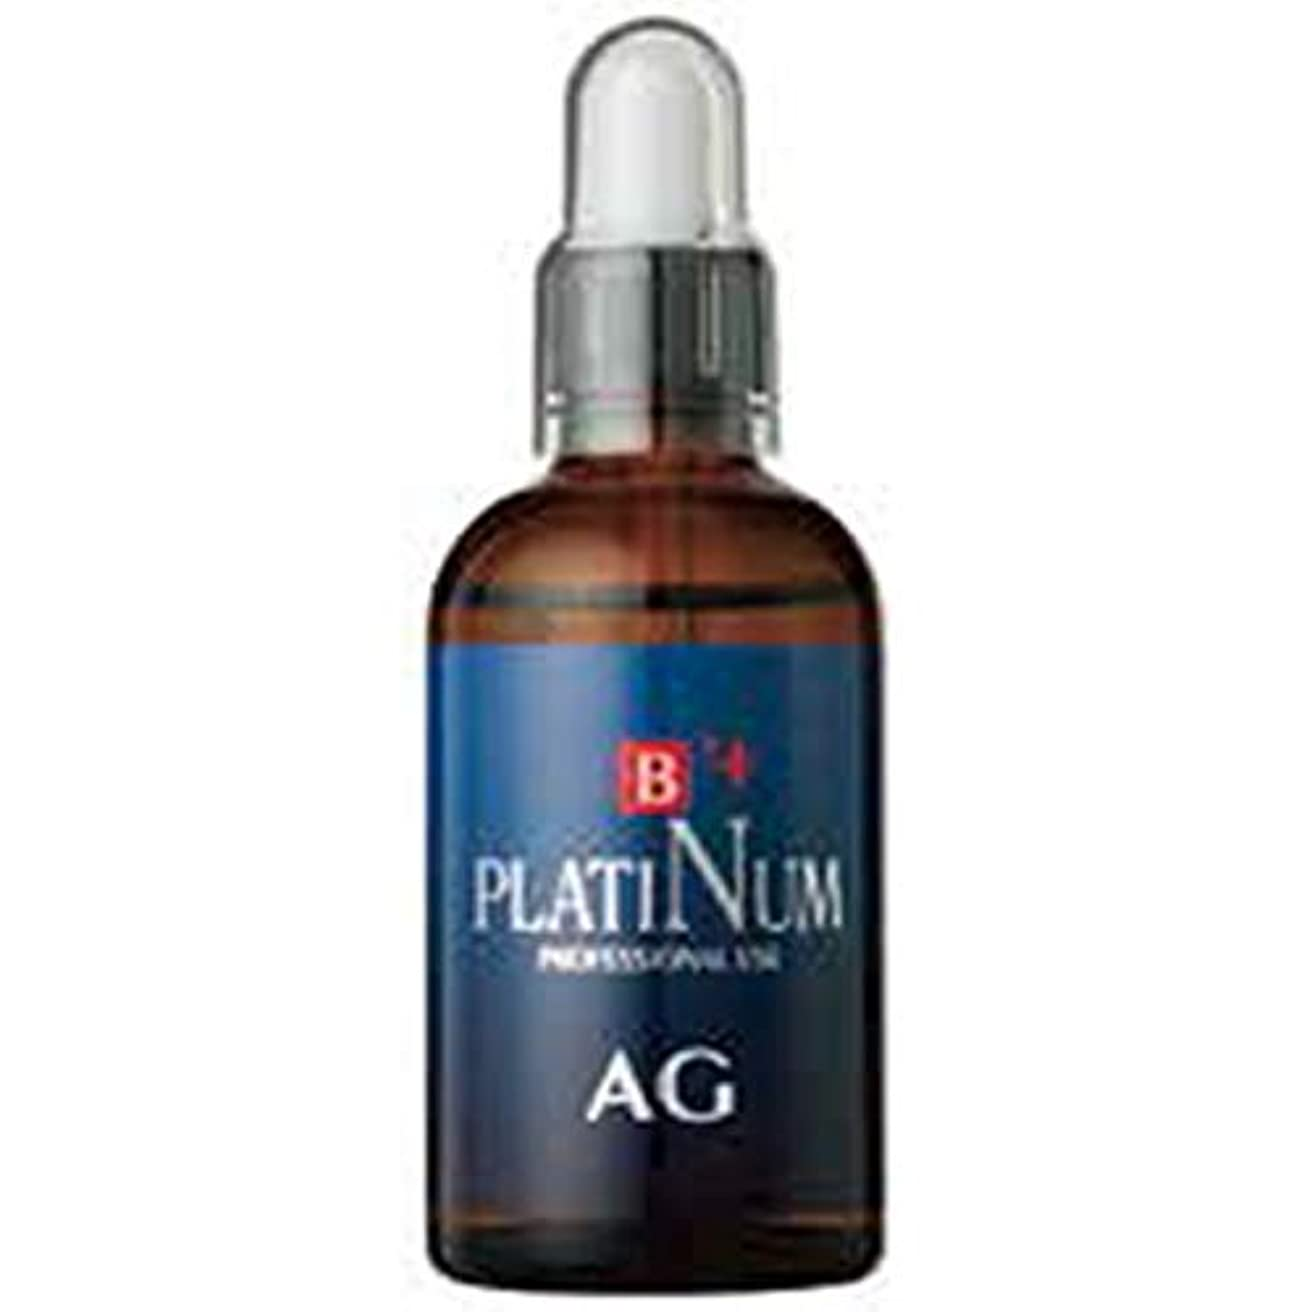 【ビューティー プラチナム】 PLATINUM B'+  アルジレリン16%(+シンーエイク配合 高濃度美容液)  リフトアップ専用:100ml